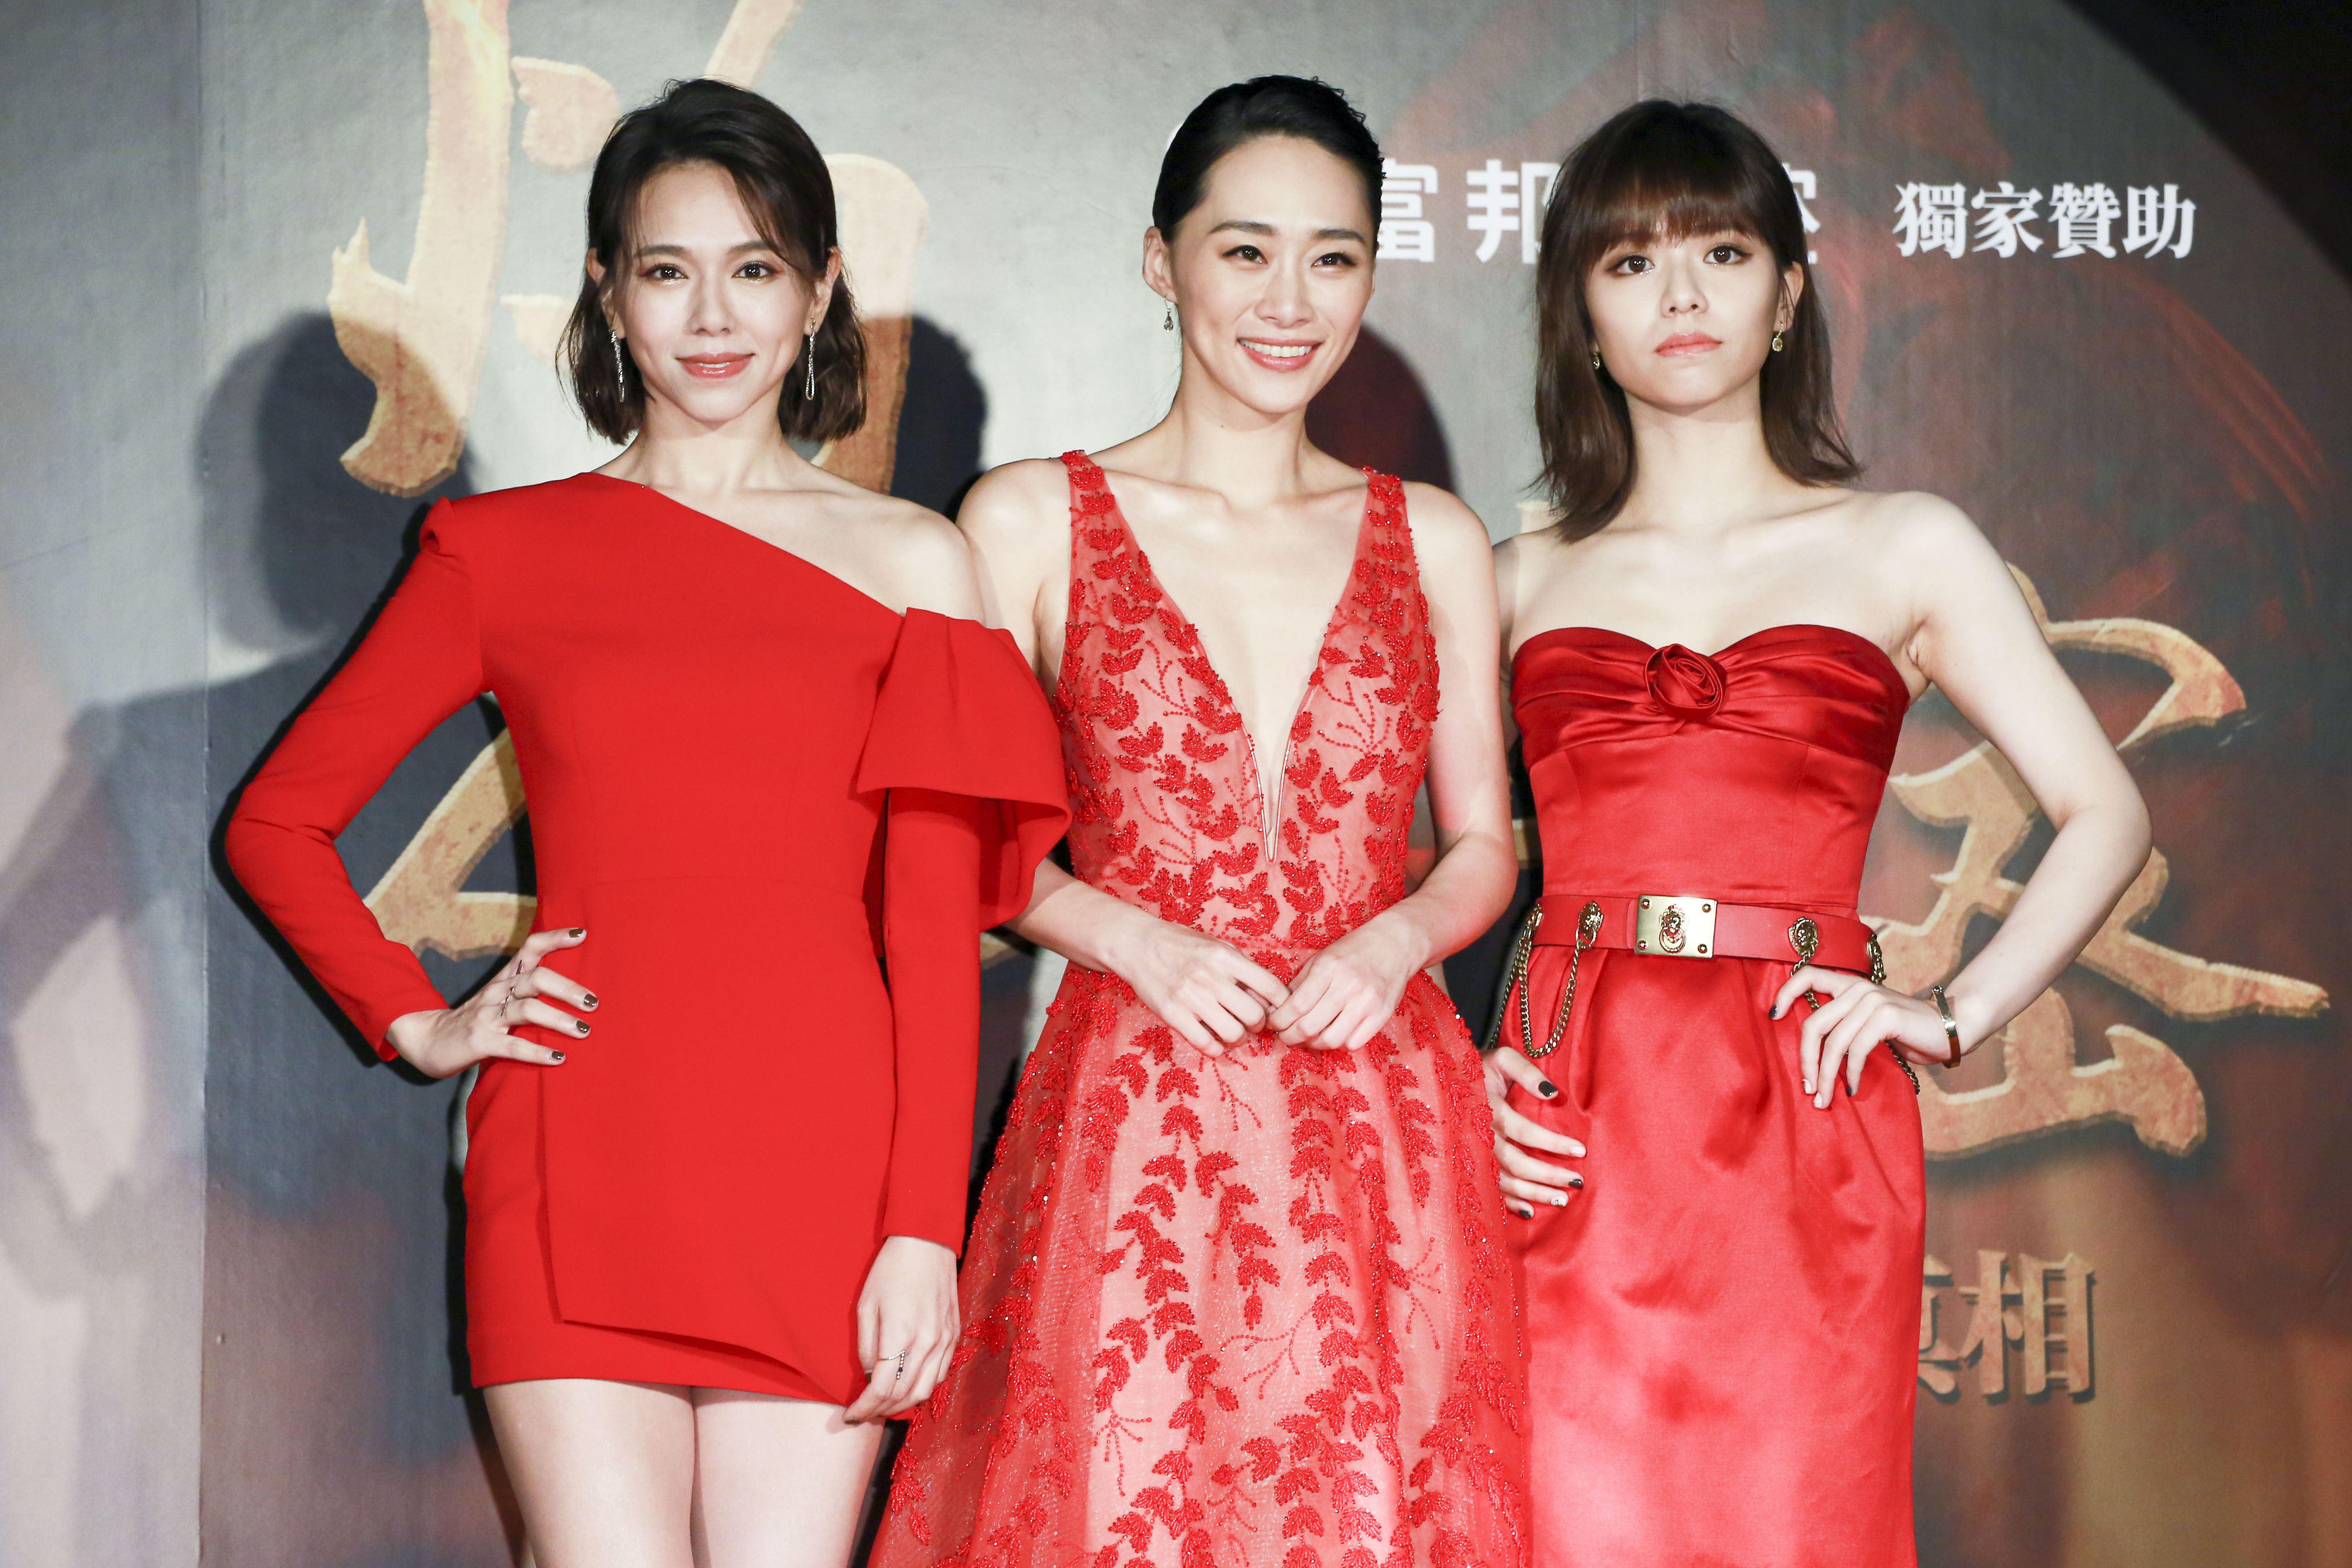 《灼人秘密》首映會,演員夏于喬、吳可熙、宋芸樺。(記者林士傑/攝影)